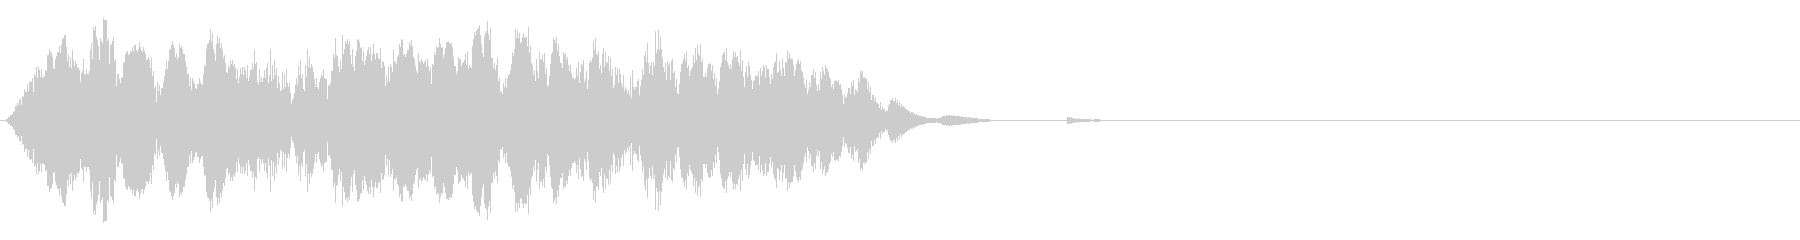 アコーディオン 不協和音(高)の未再生の波形